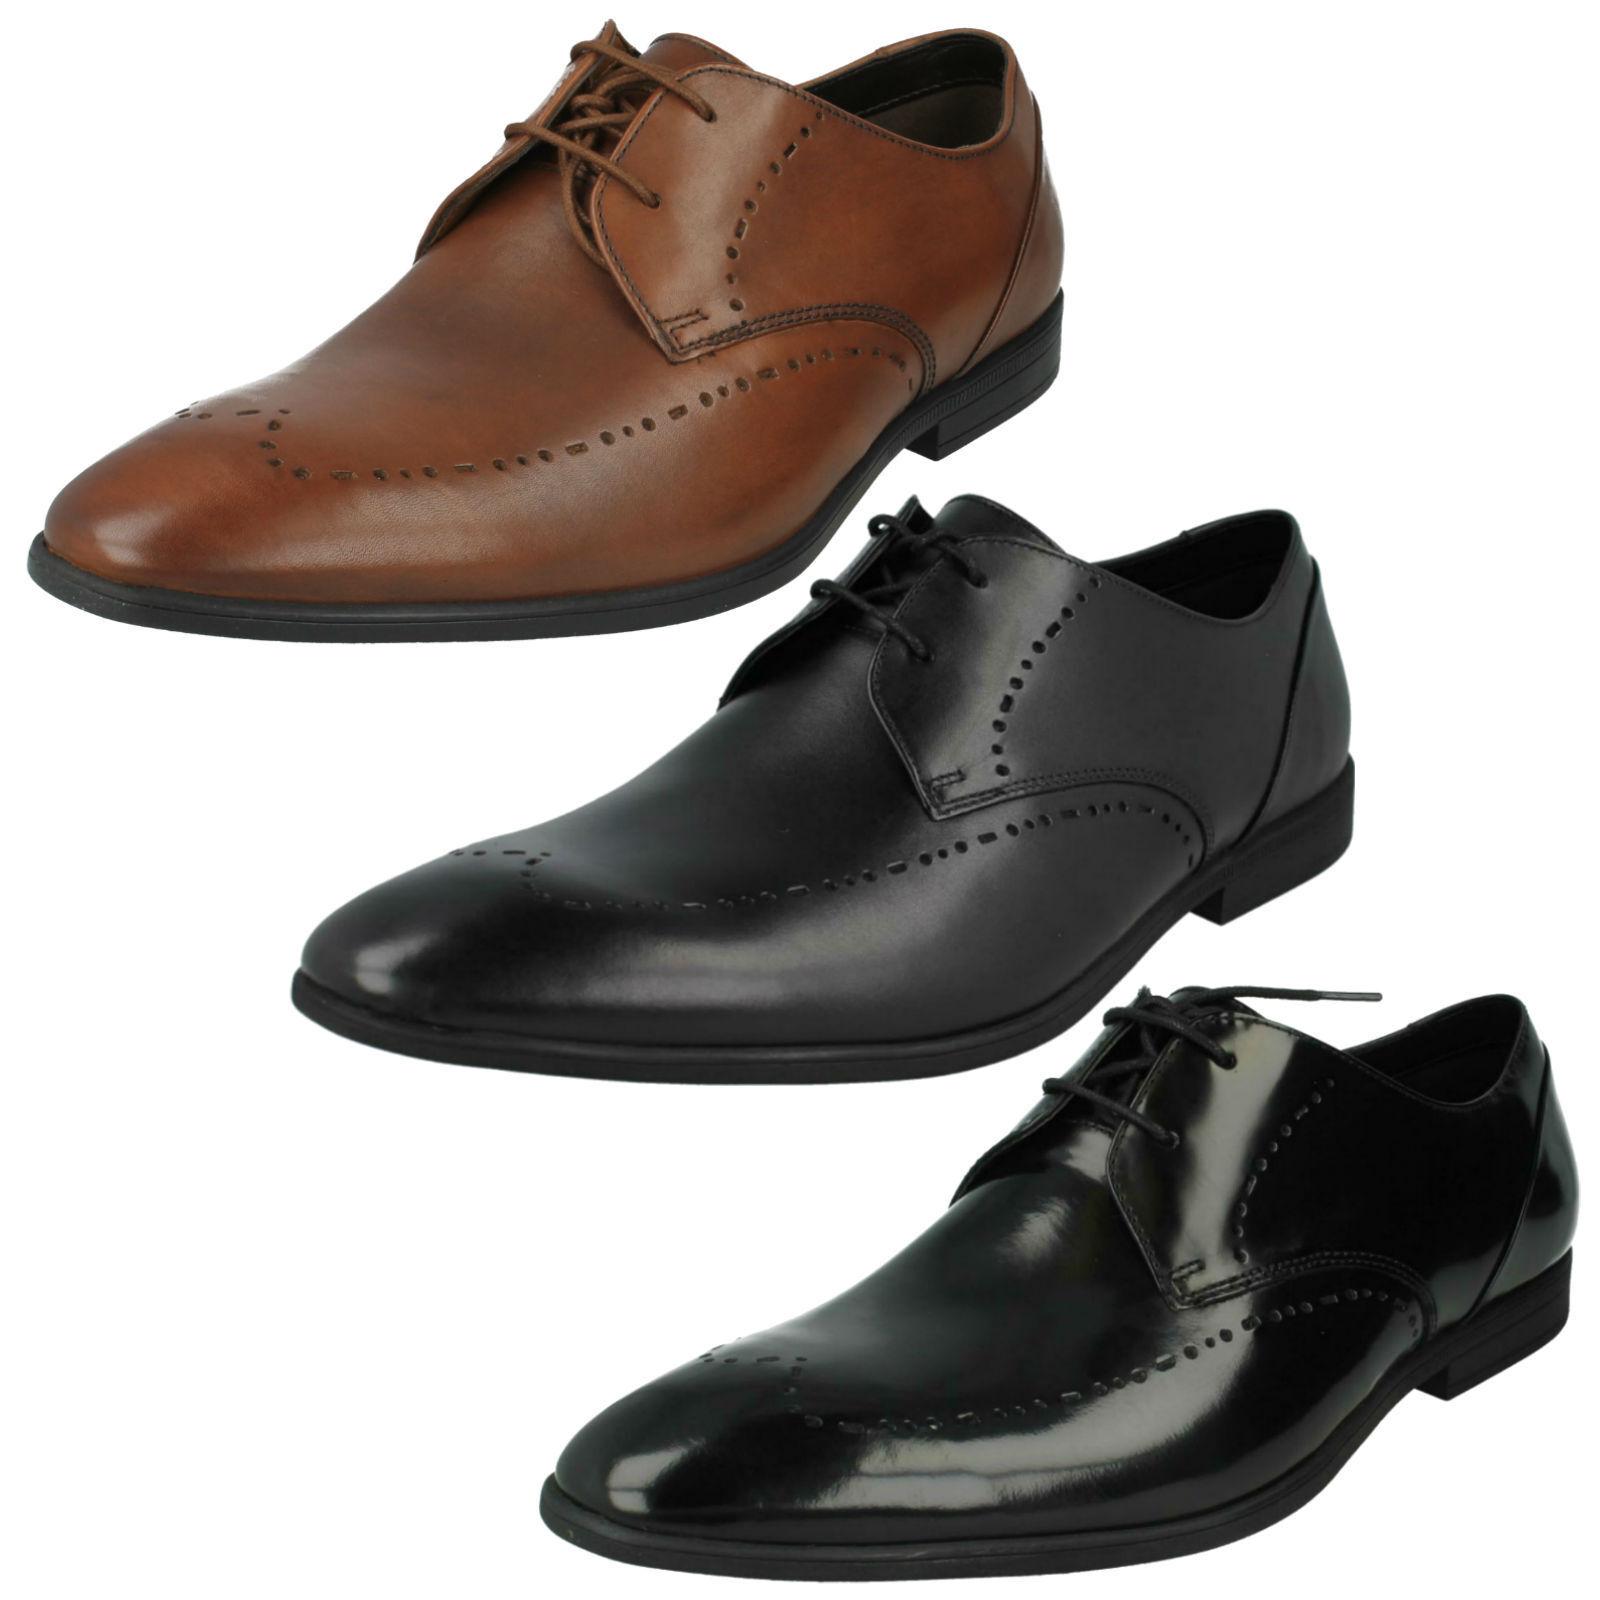 Para Hombre Clarks Cuero Inteligente acordonados formal Zapatos Talla Bampton límite Oficina formales